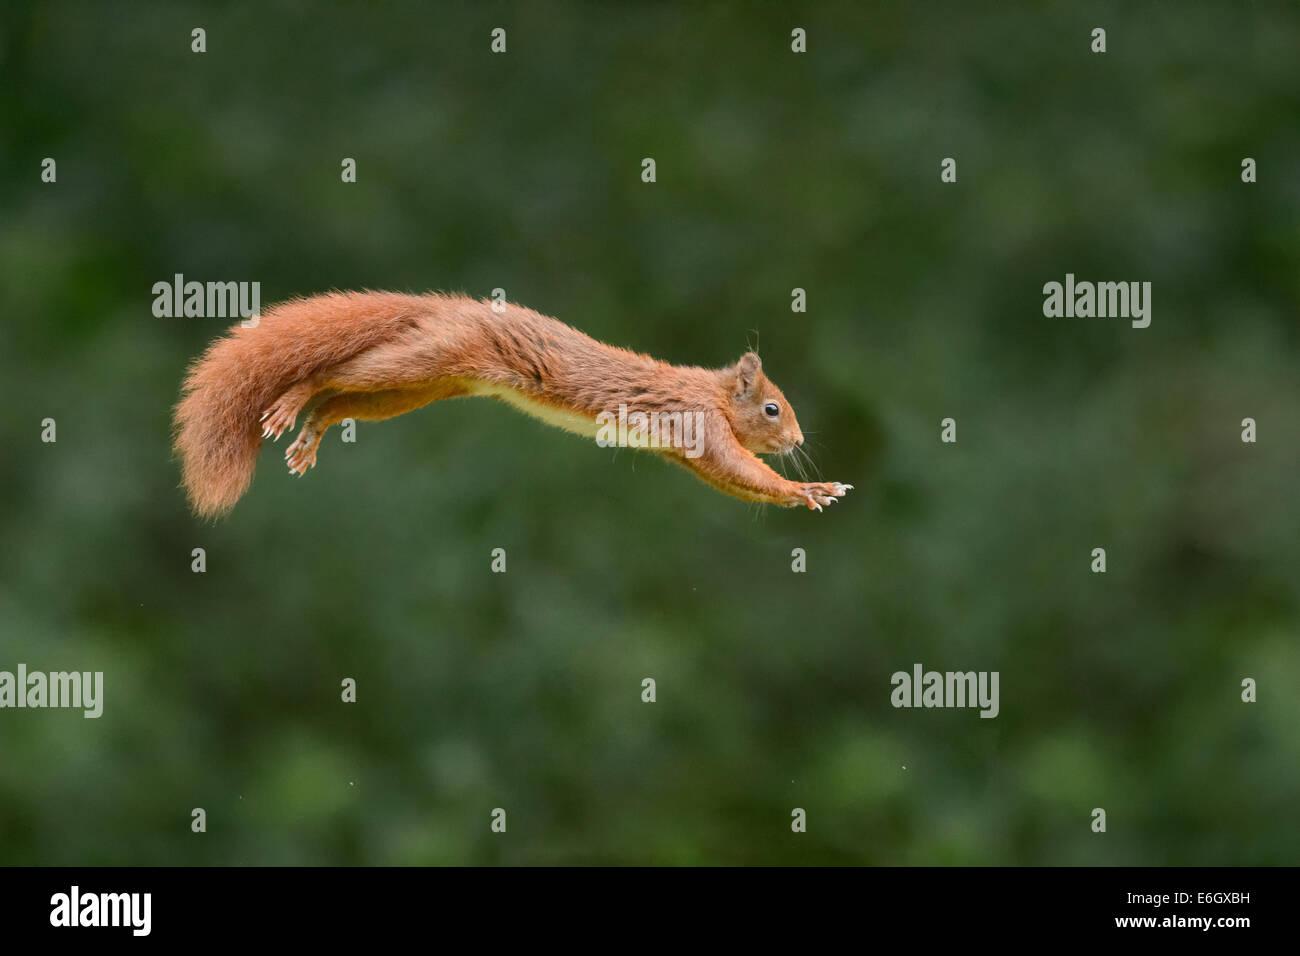 Eichhörnchen springen Stockbild